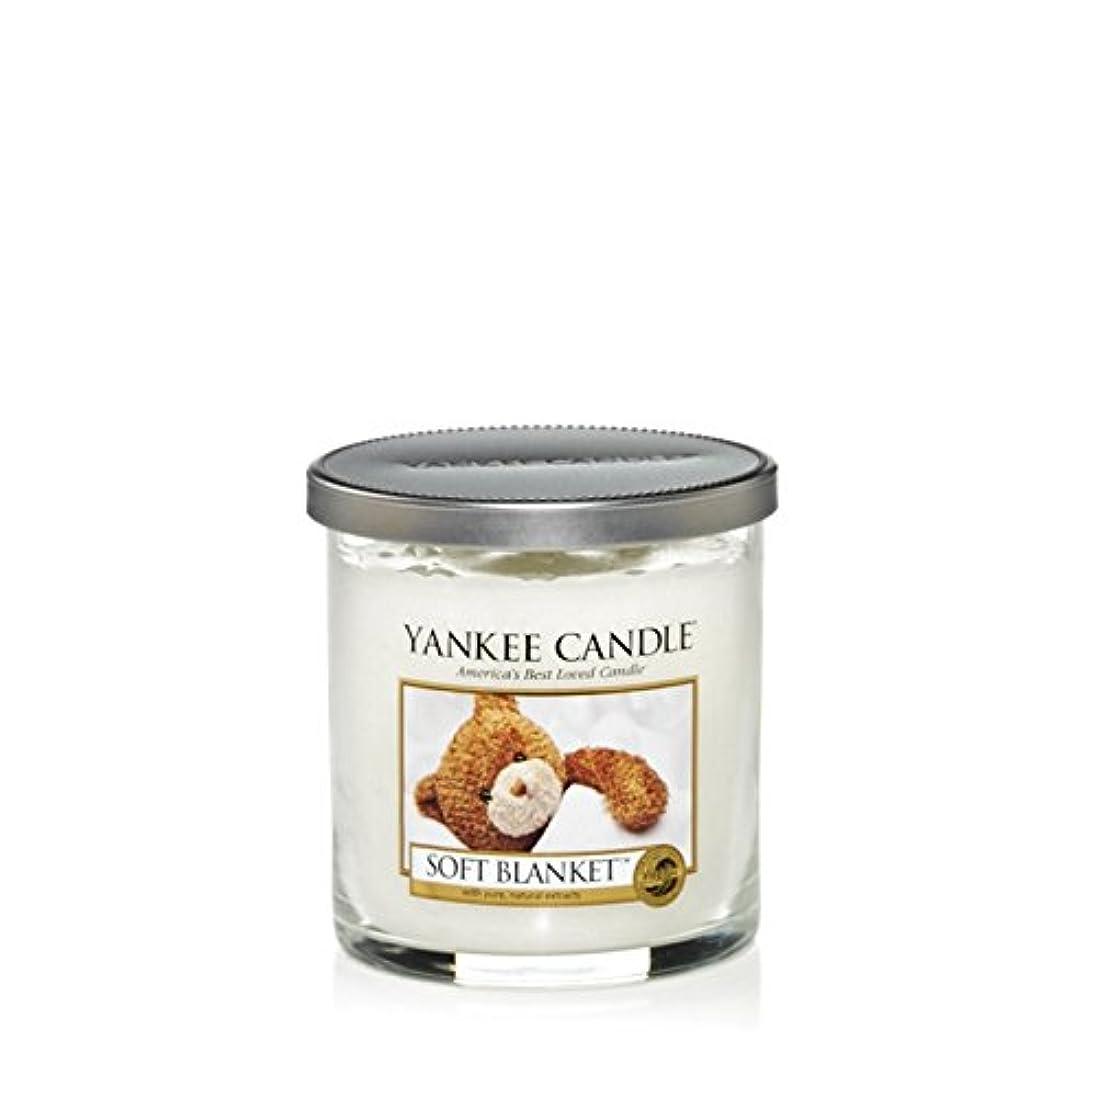 日没君主制アレンジYankee Candles Small Pillar Candle - Soft Blanket (Pack of 2) - ヤンキーキャンドルの小さな柱キャンドル - ソフト毛布 (x2) [並行輸入品]